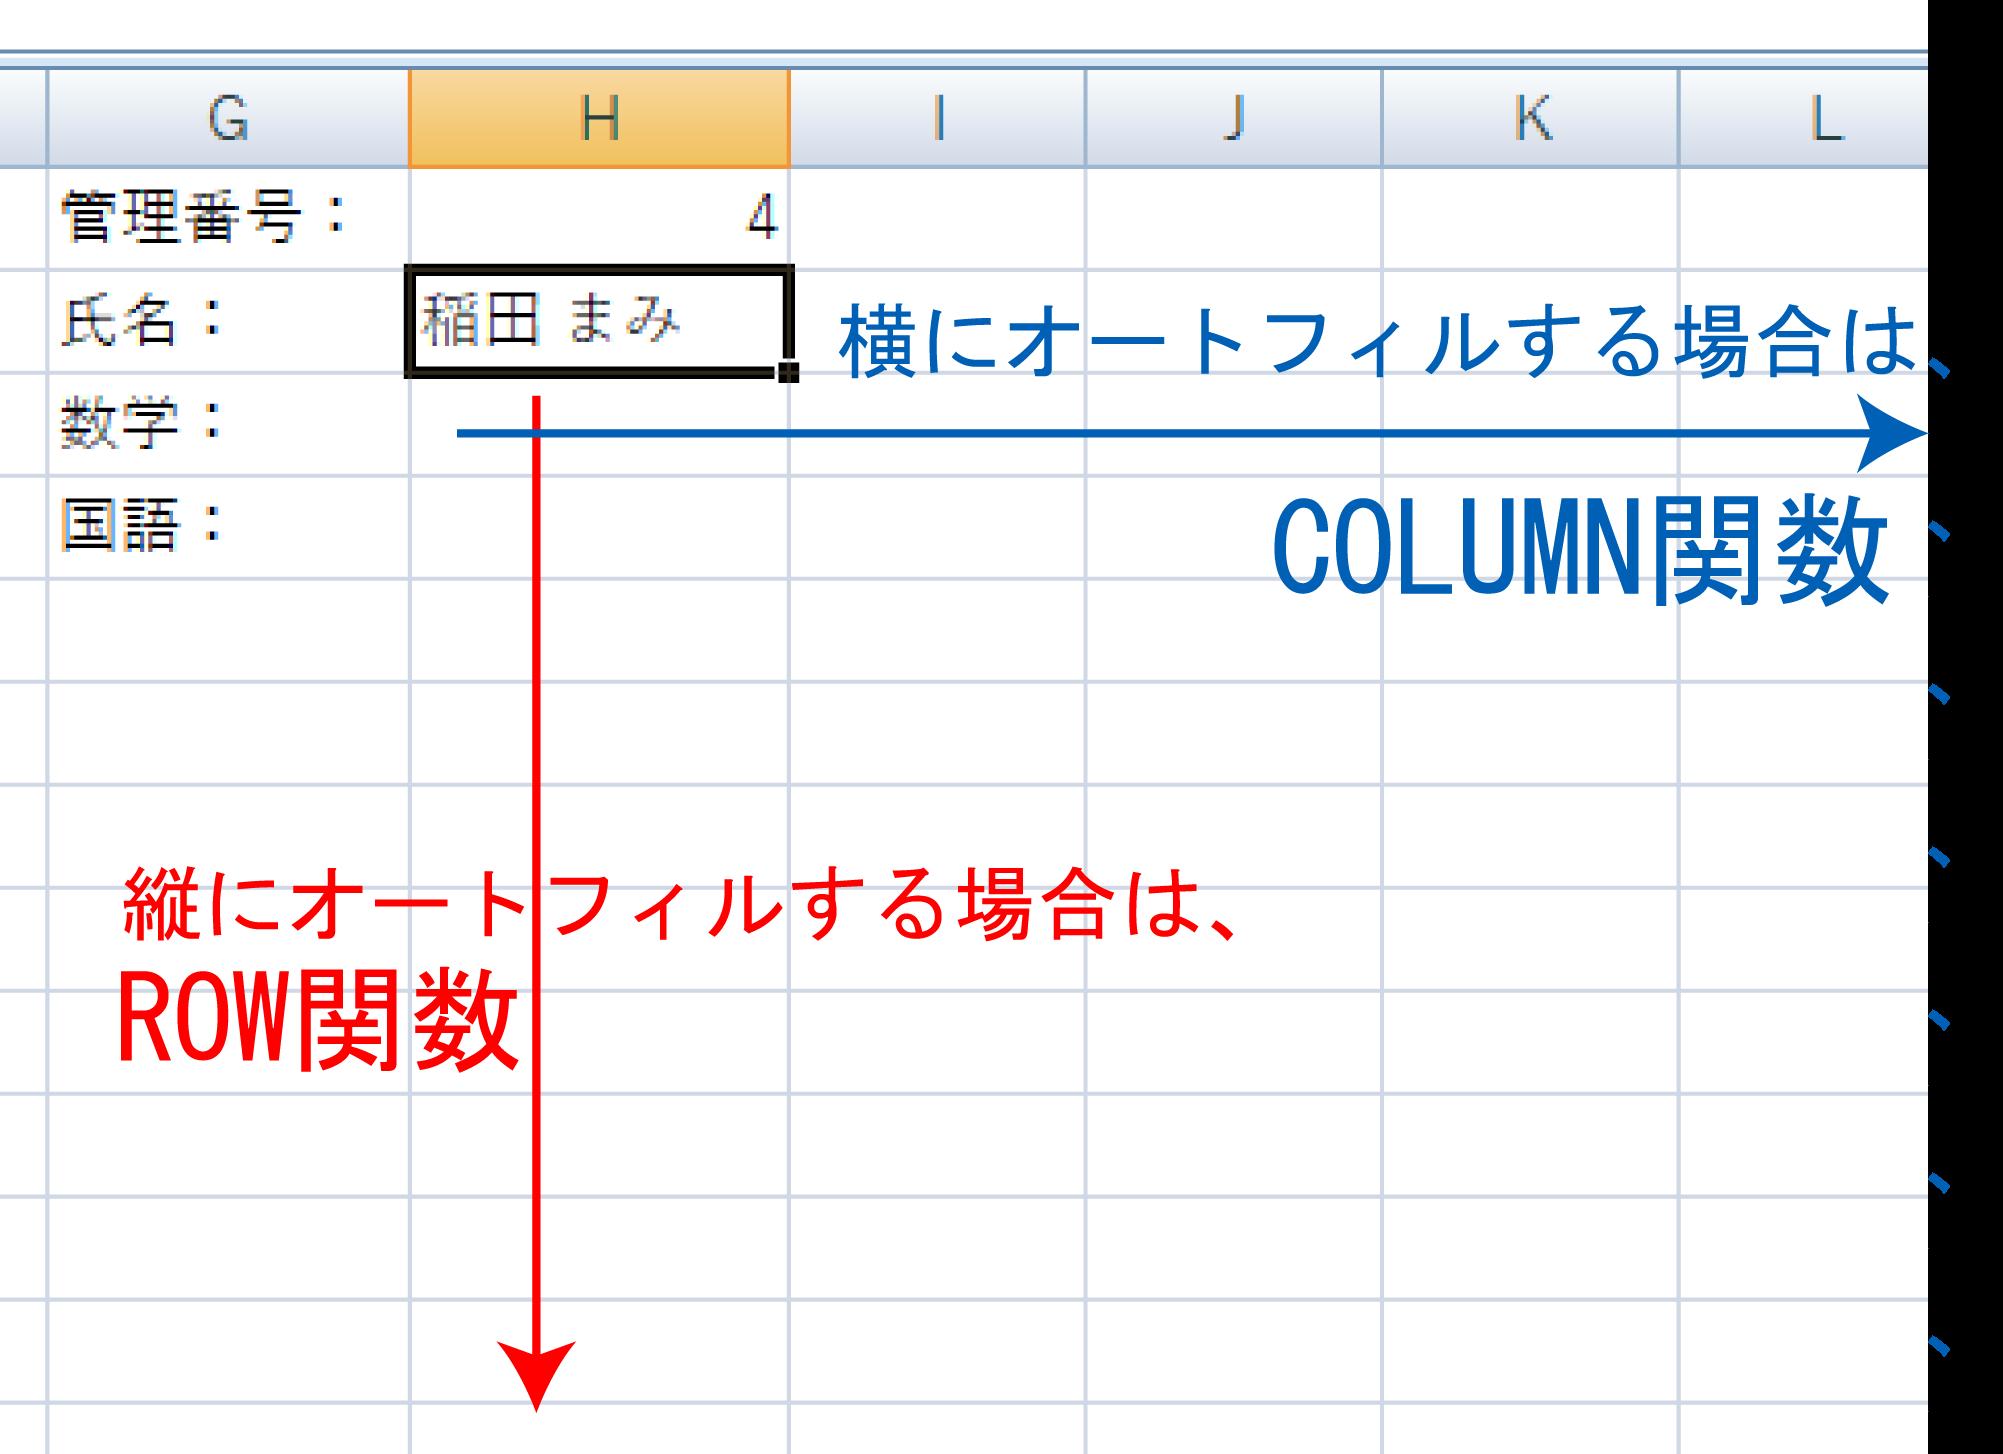 vlookup関数のオートフィルとROW関数COLUMN関数の方向